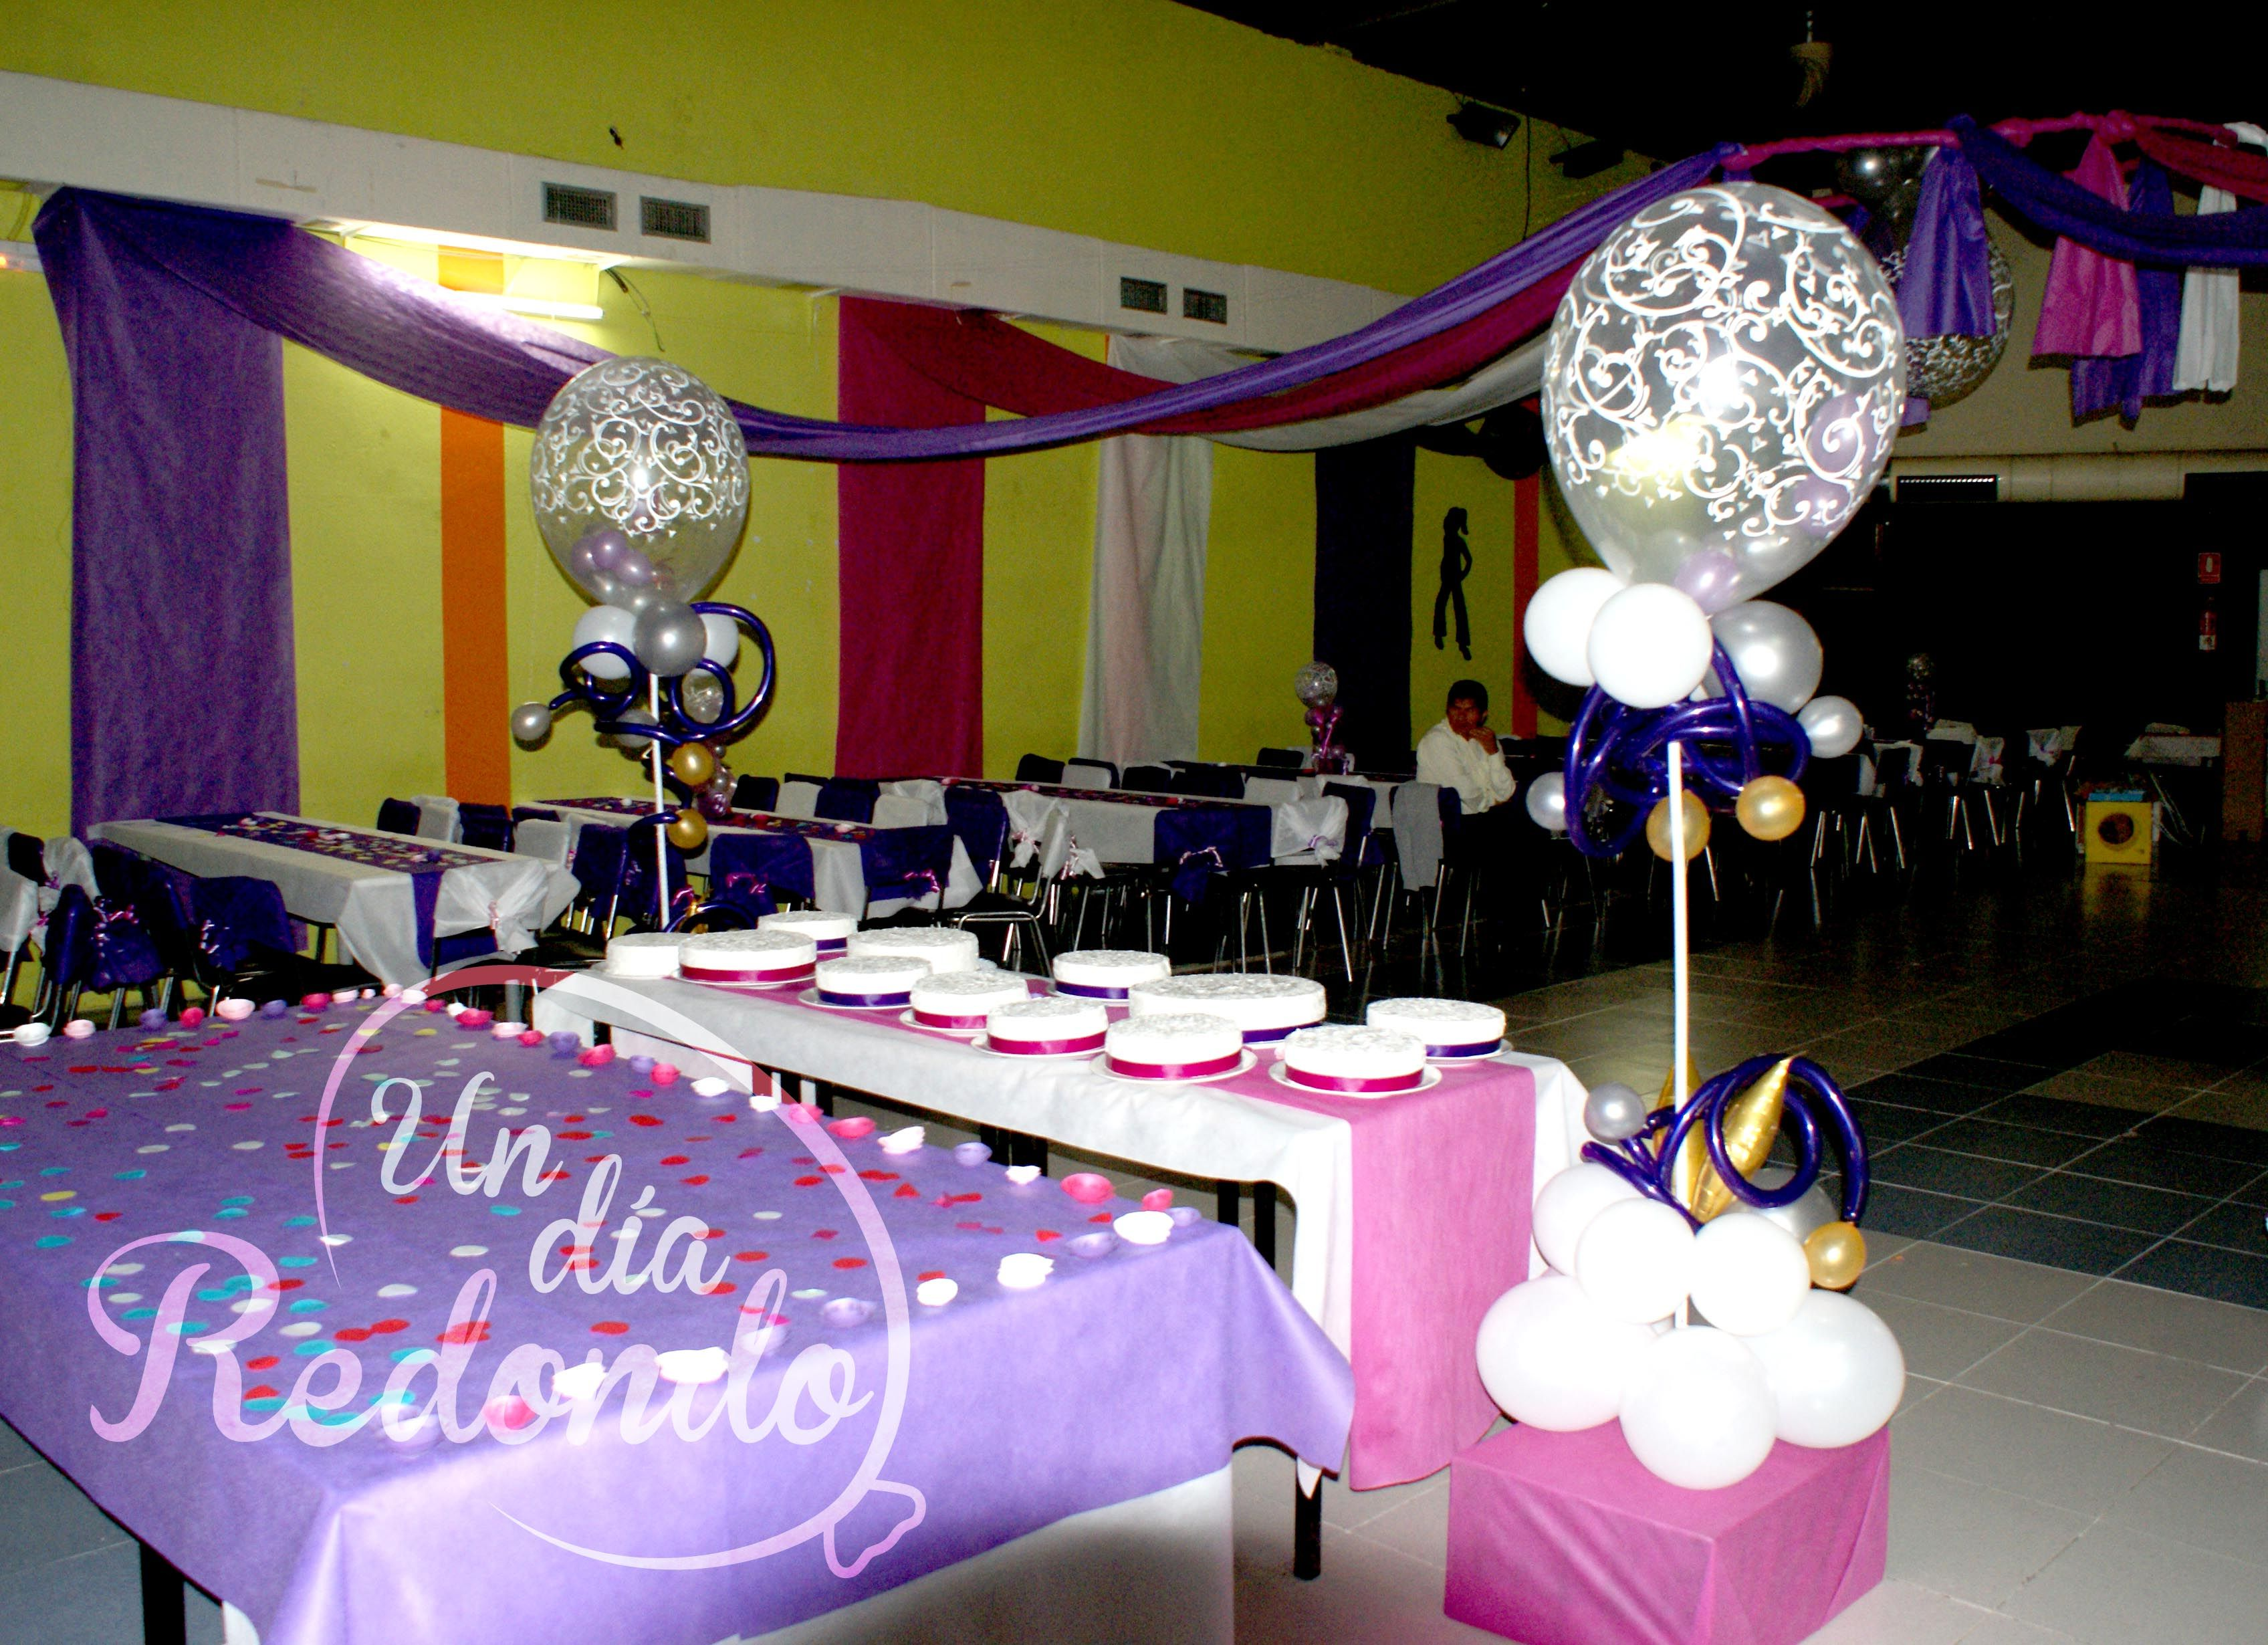 Decoraci n de cumplea os con globos decoraci d - Decoracion con globos para cumpleanos ...